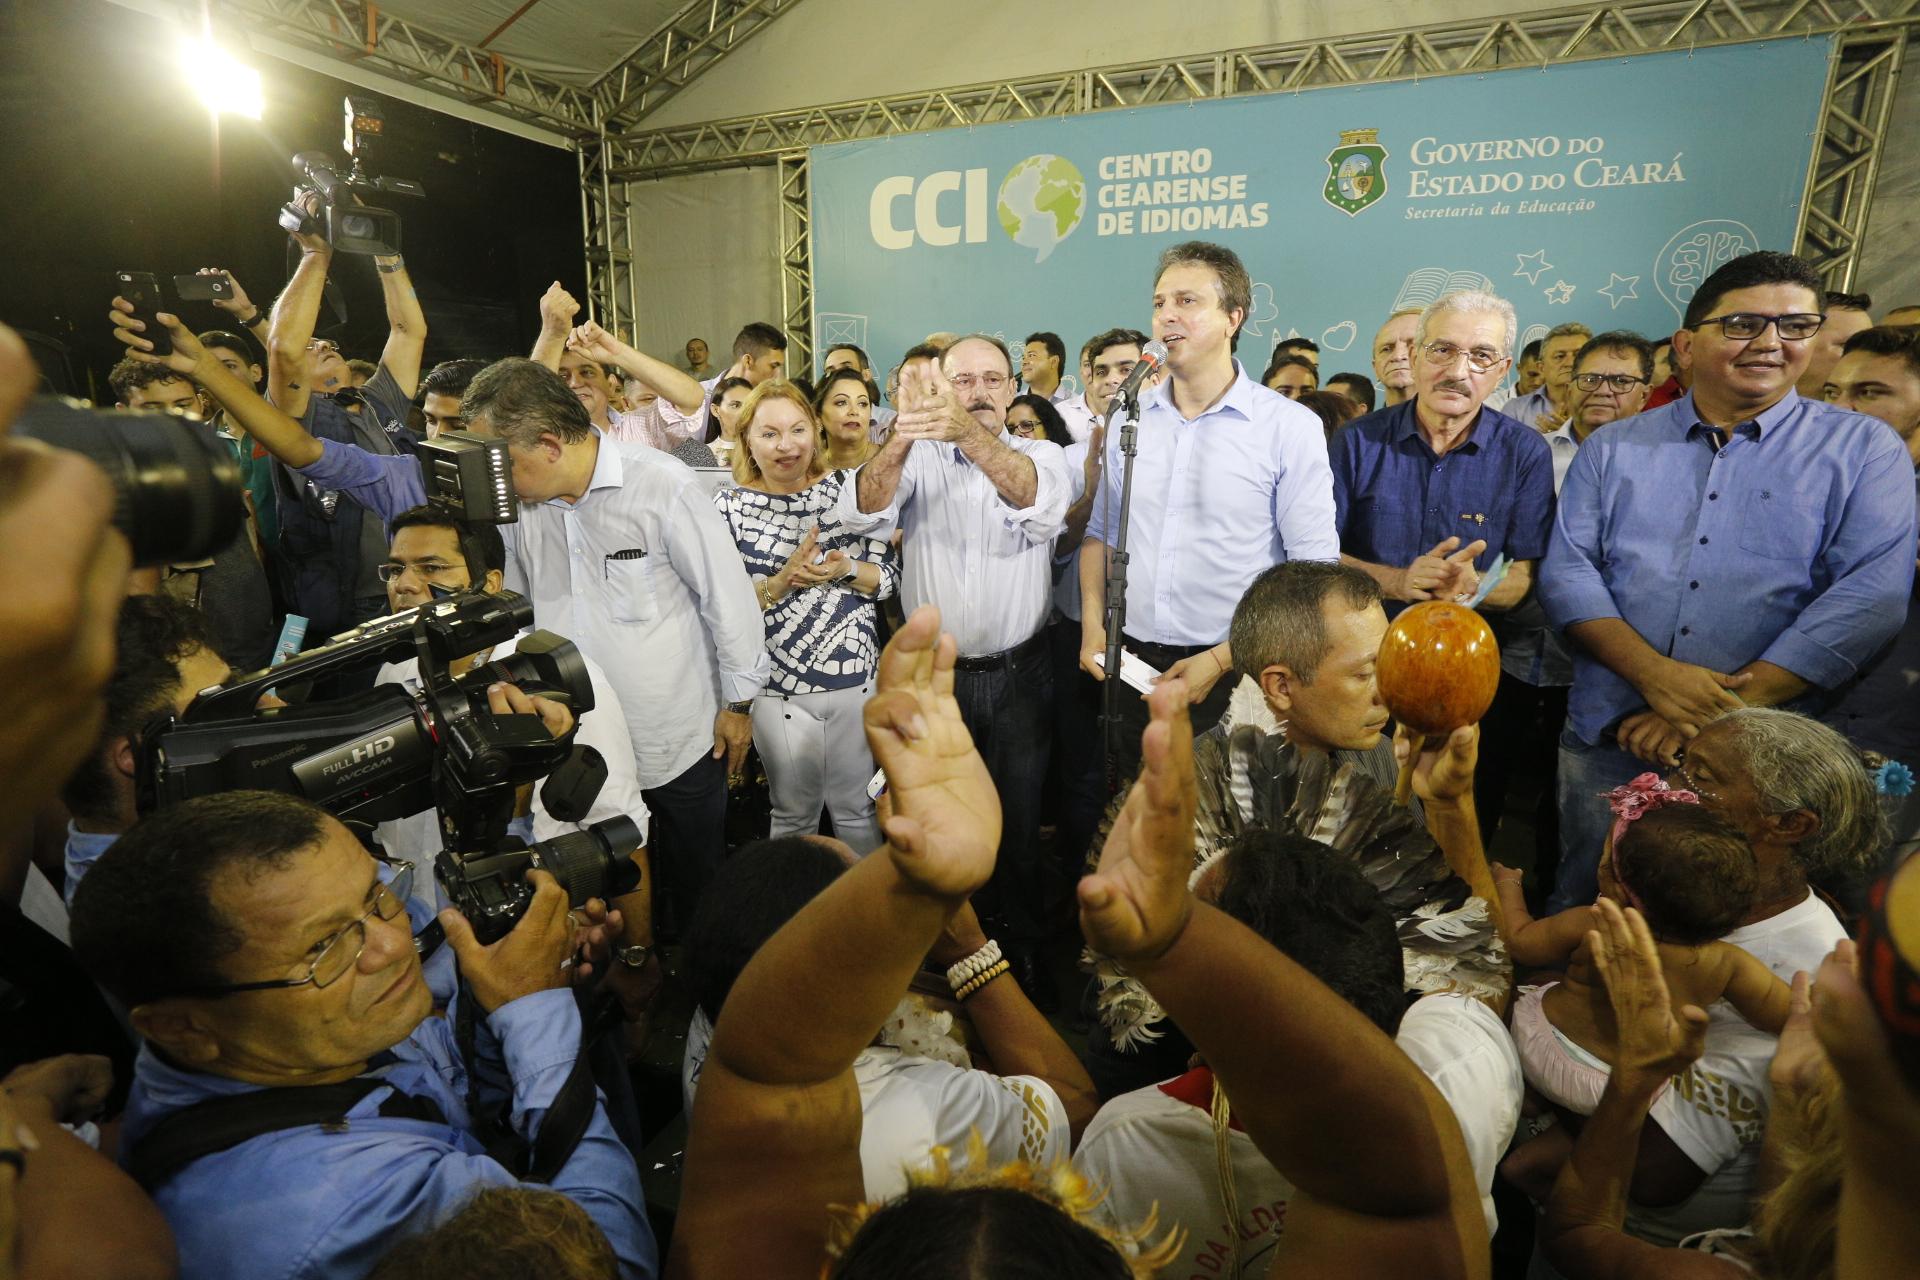 Crates recebe o primeiro Centro Cearense de Idiomas do Governo do